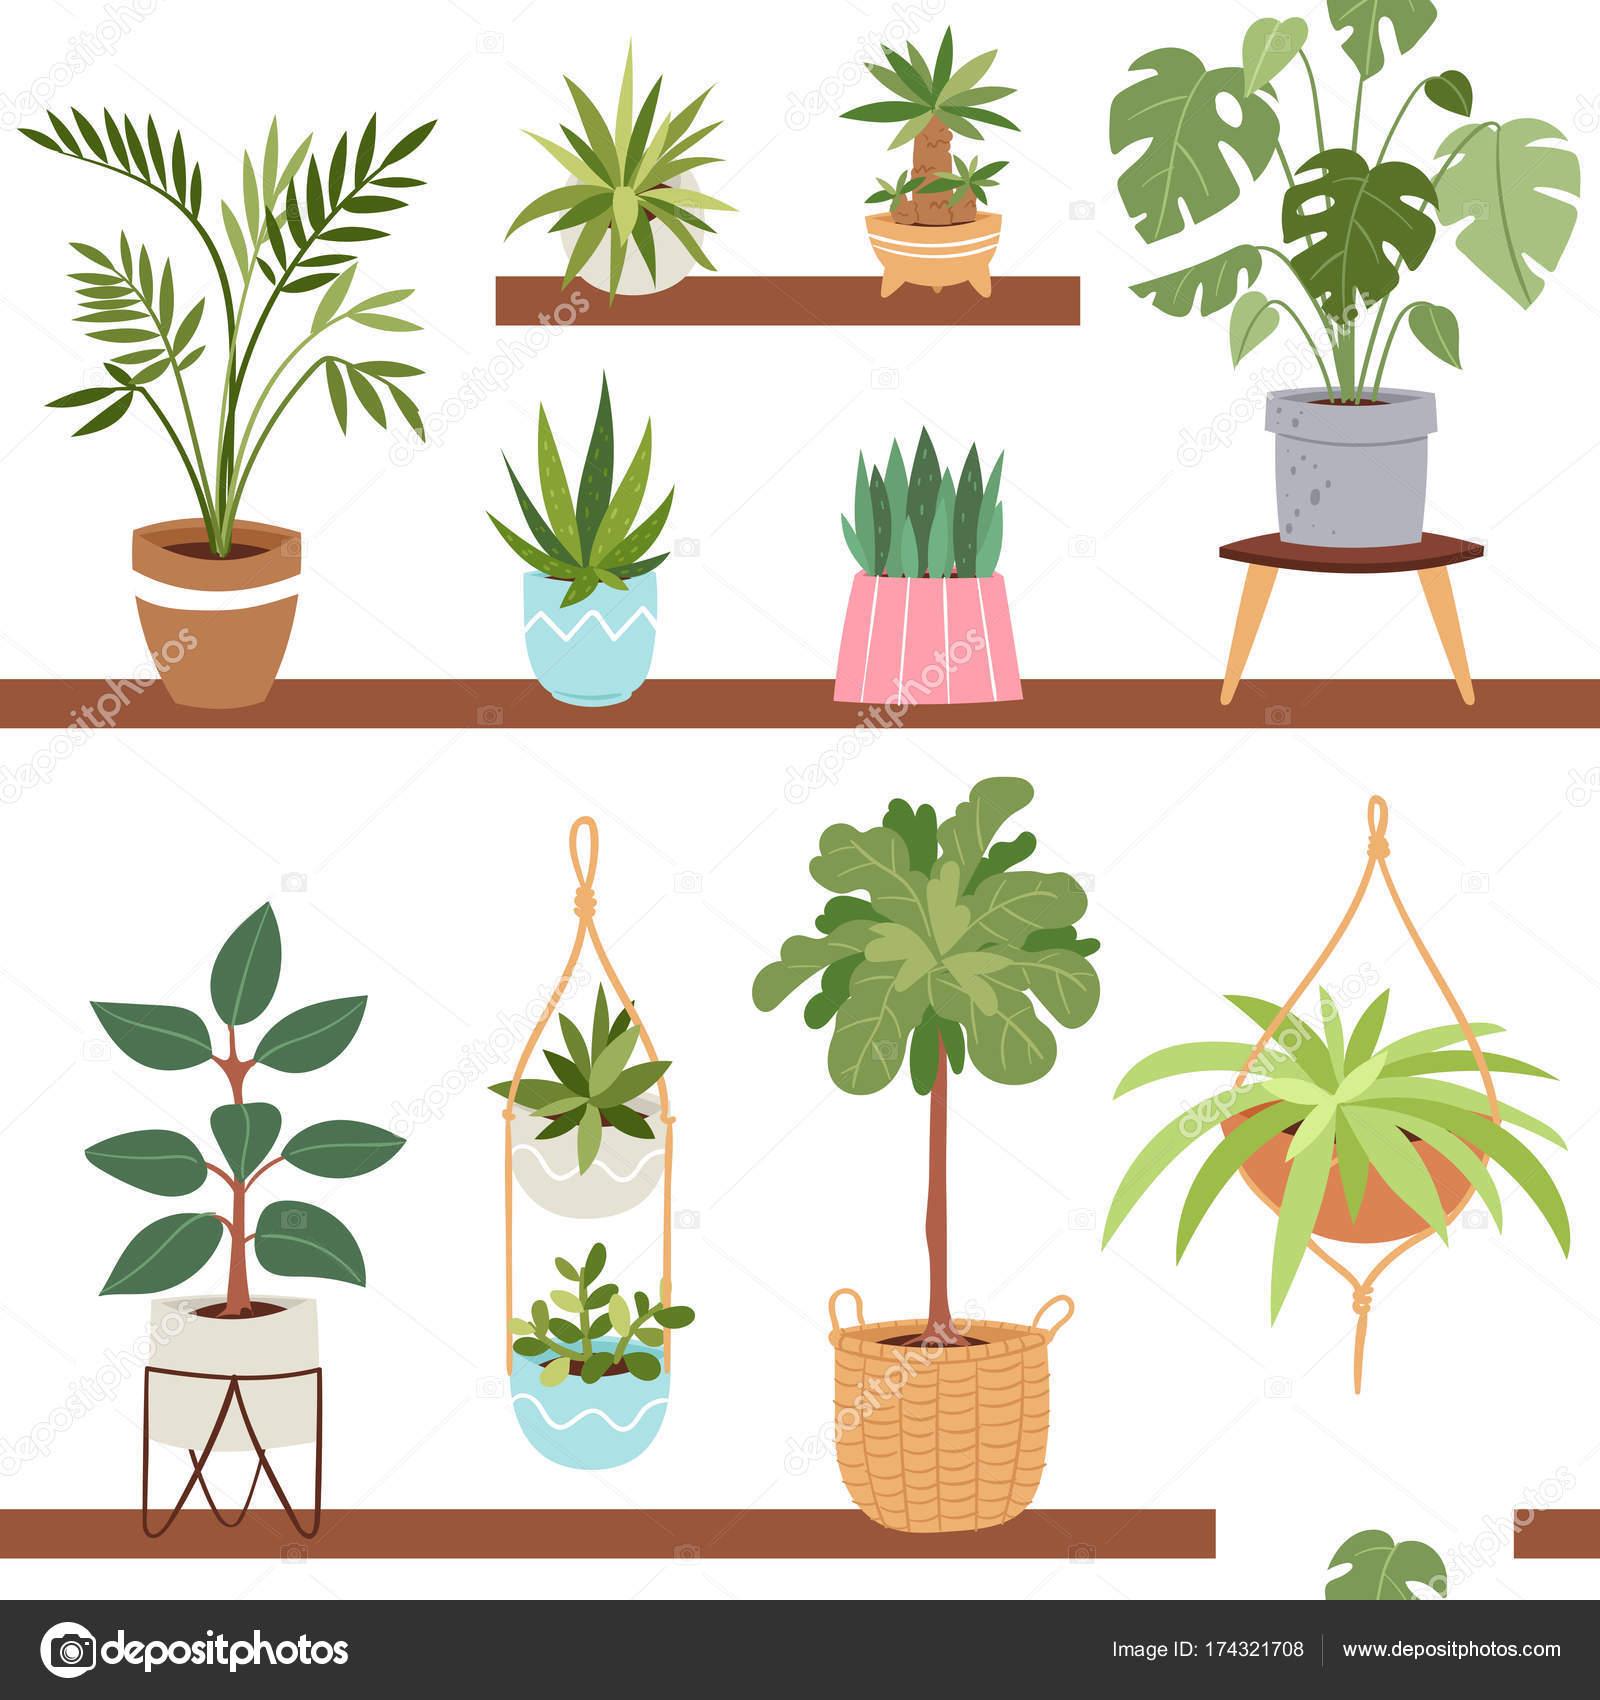 Haus innen Vektor Pflanzen und Natur hausgemachte Blumen im Topf ...